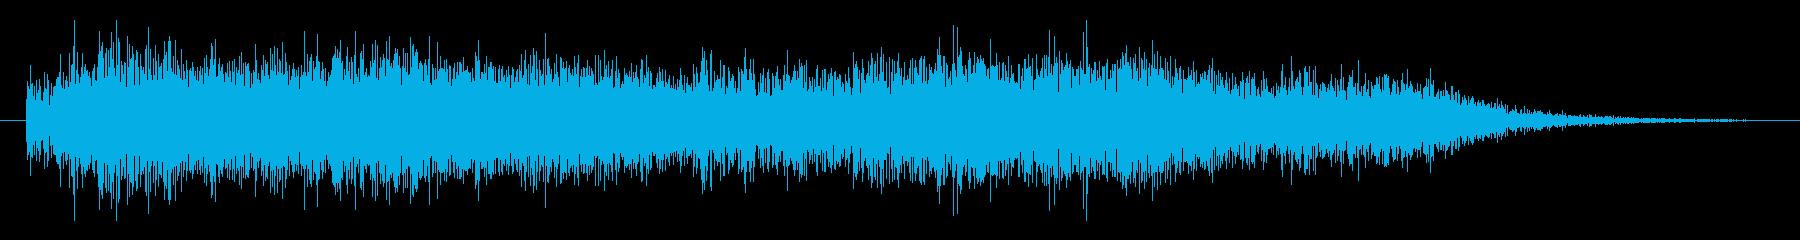 FI スペース エイリアンエネルギ...の再生済みの波形